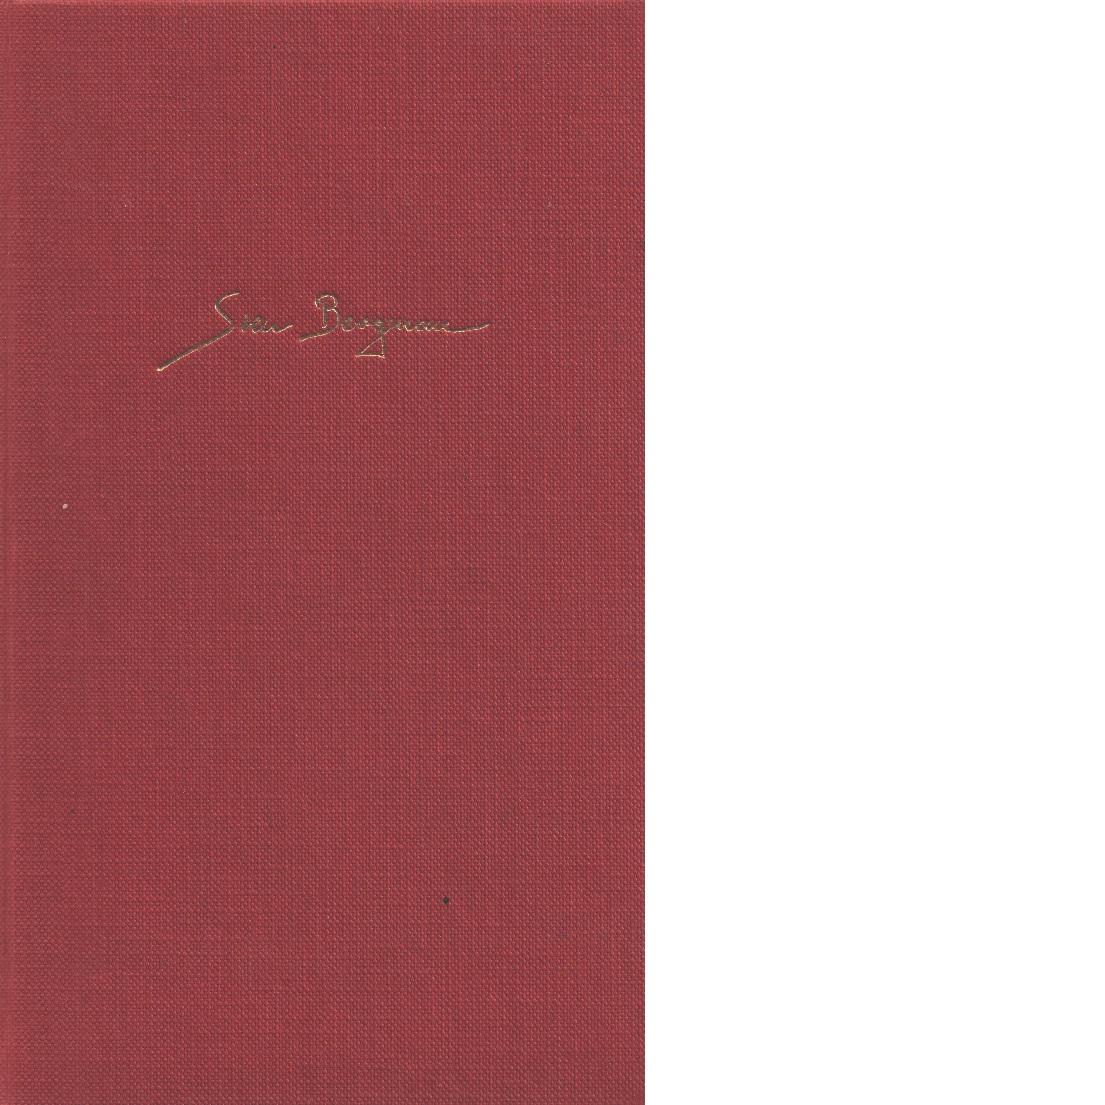 I morgonstillhetens land : skildringar från en forskningsfärd till Korea - Bergman, Sten